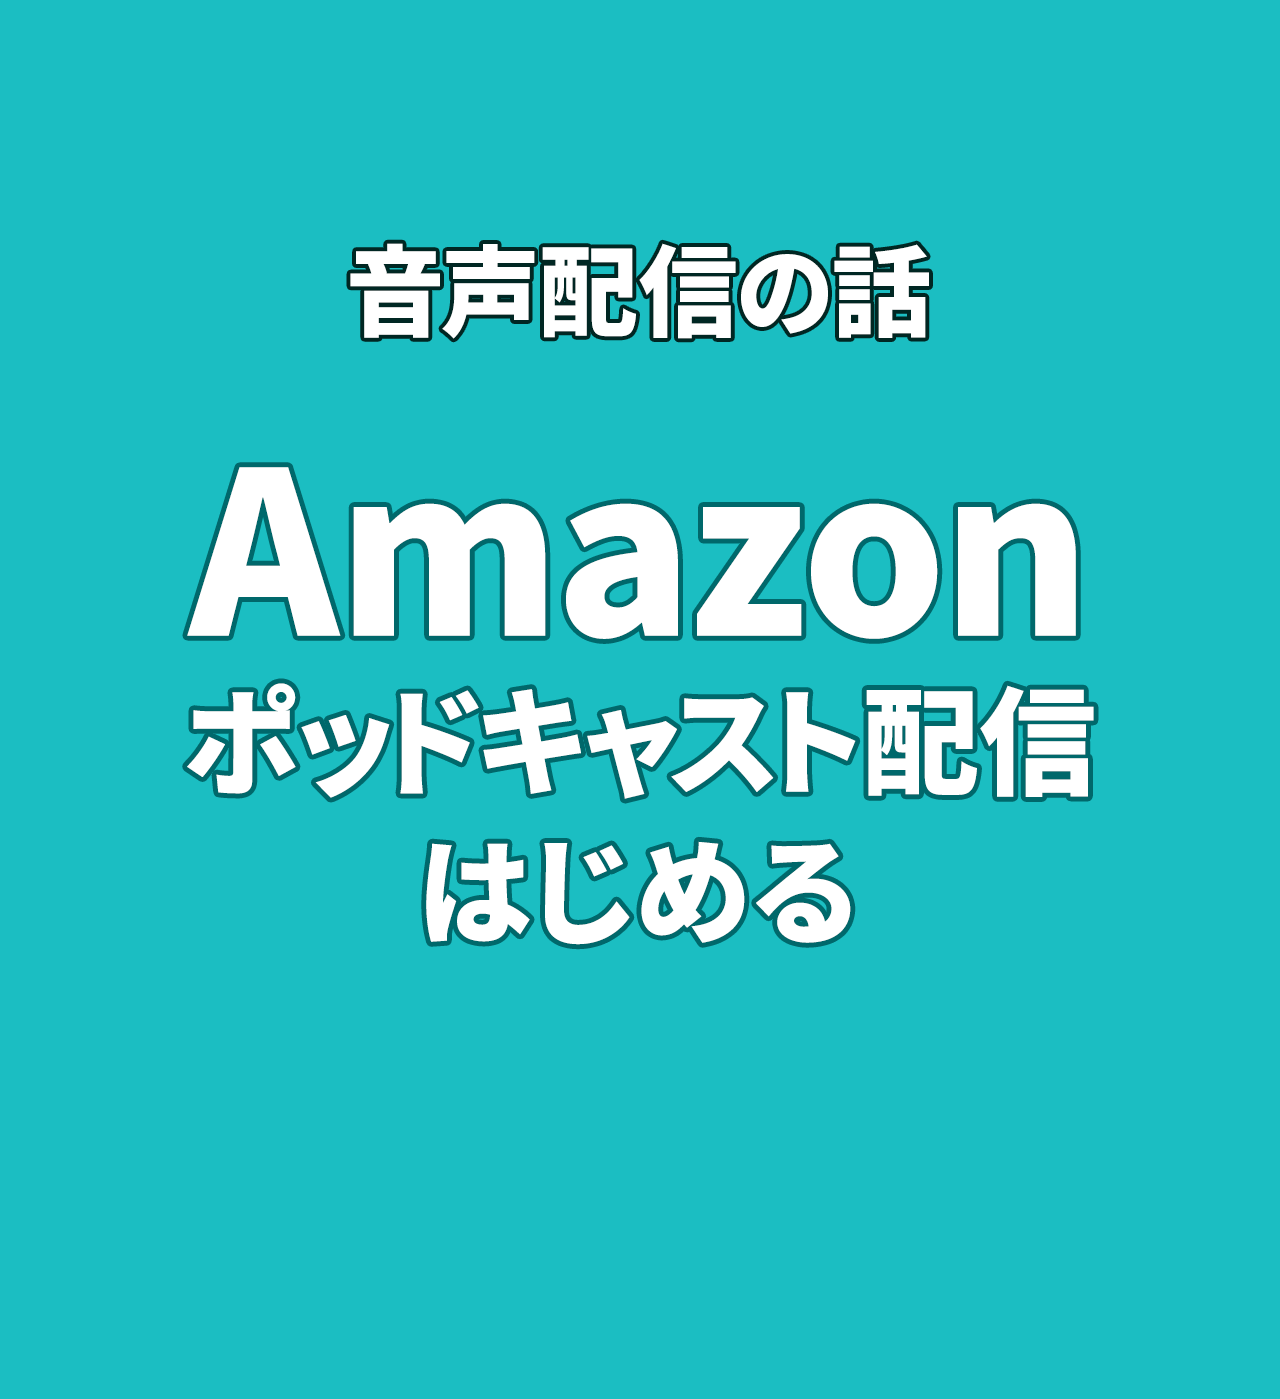 Amazonもポッドキャスト配信をはじめる